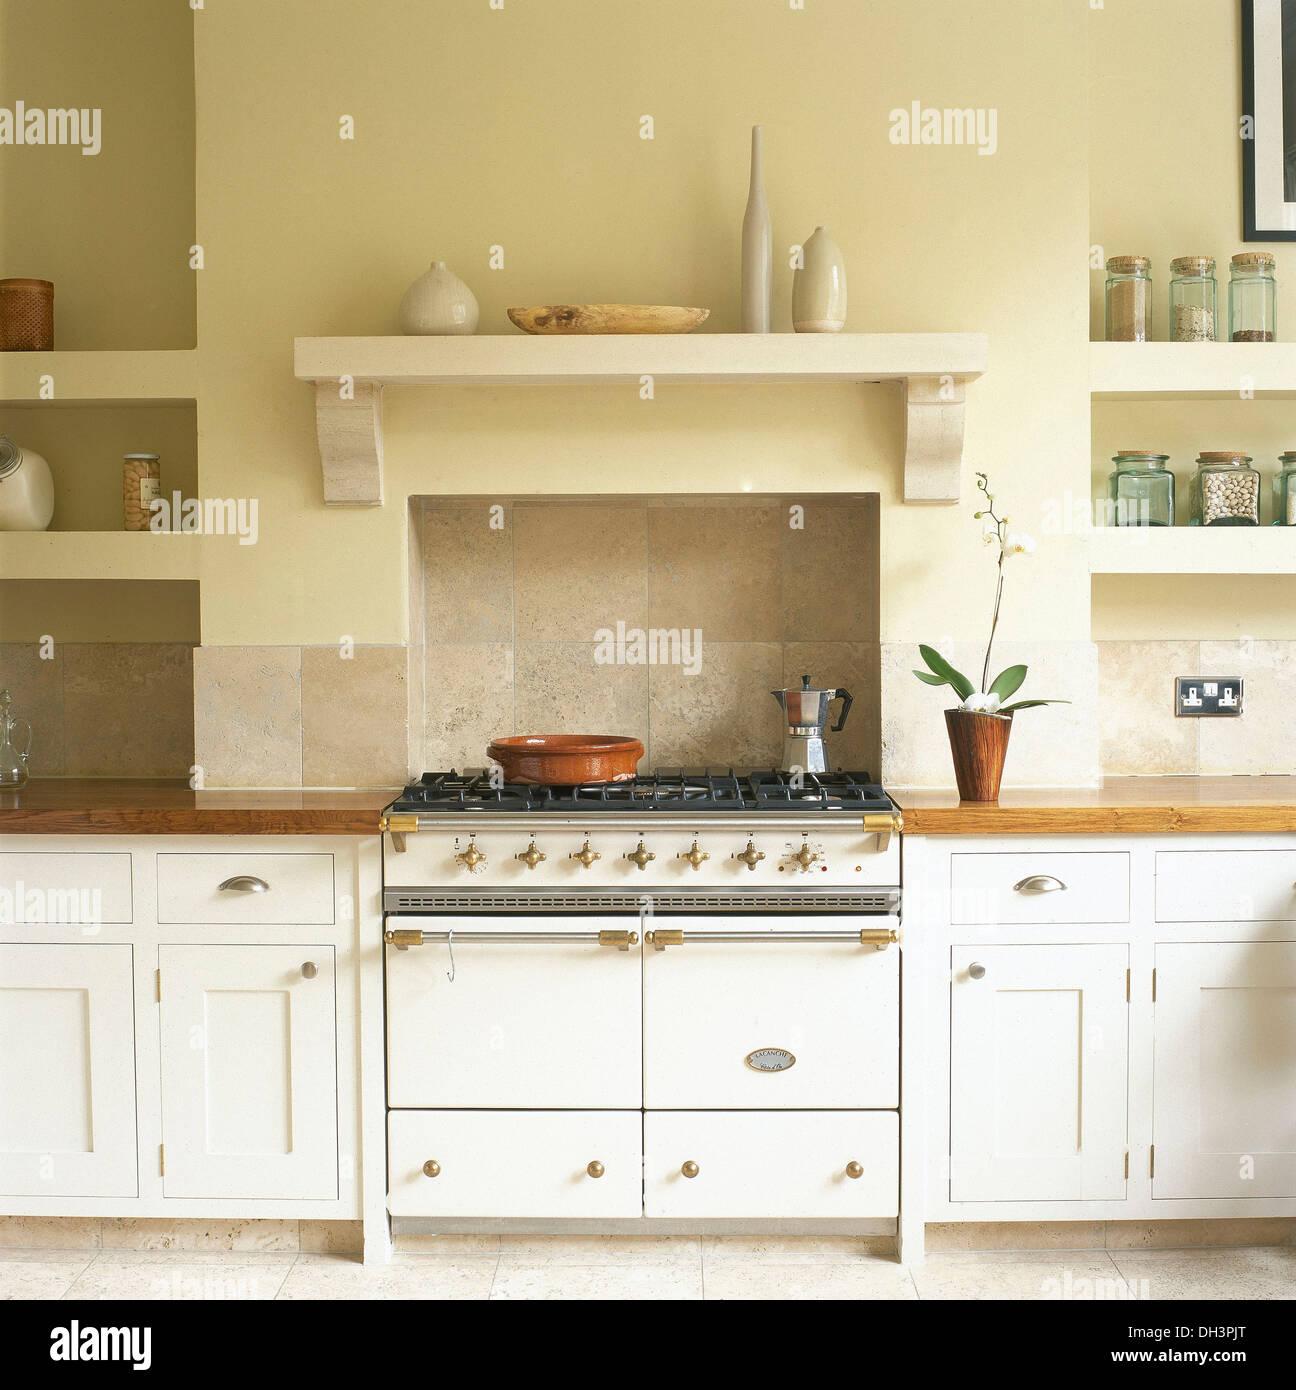 Ziemlich Weiß Bauernküche Zeitgenössisch - Ideen Für Die Küche ...